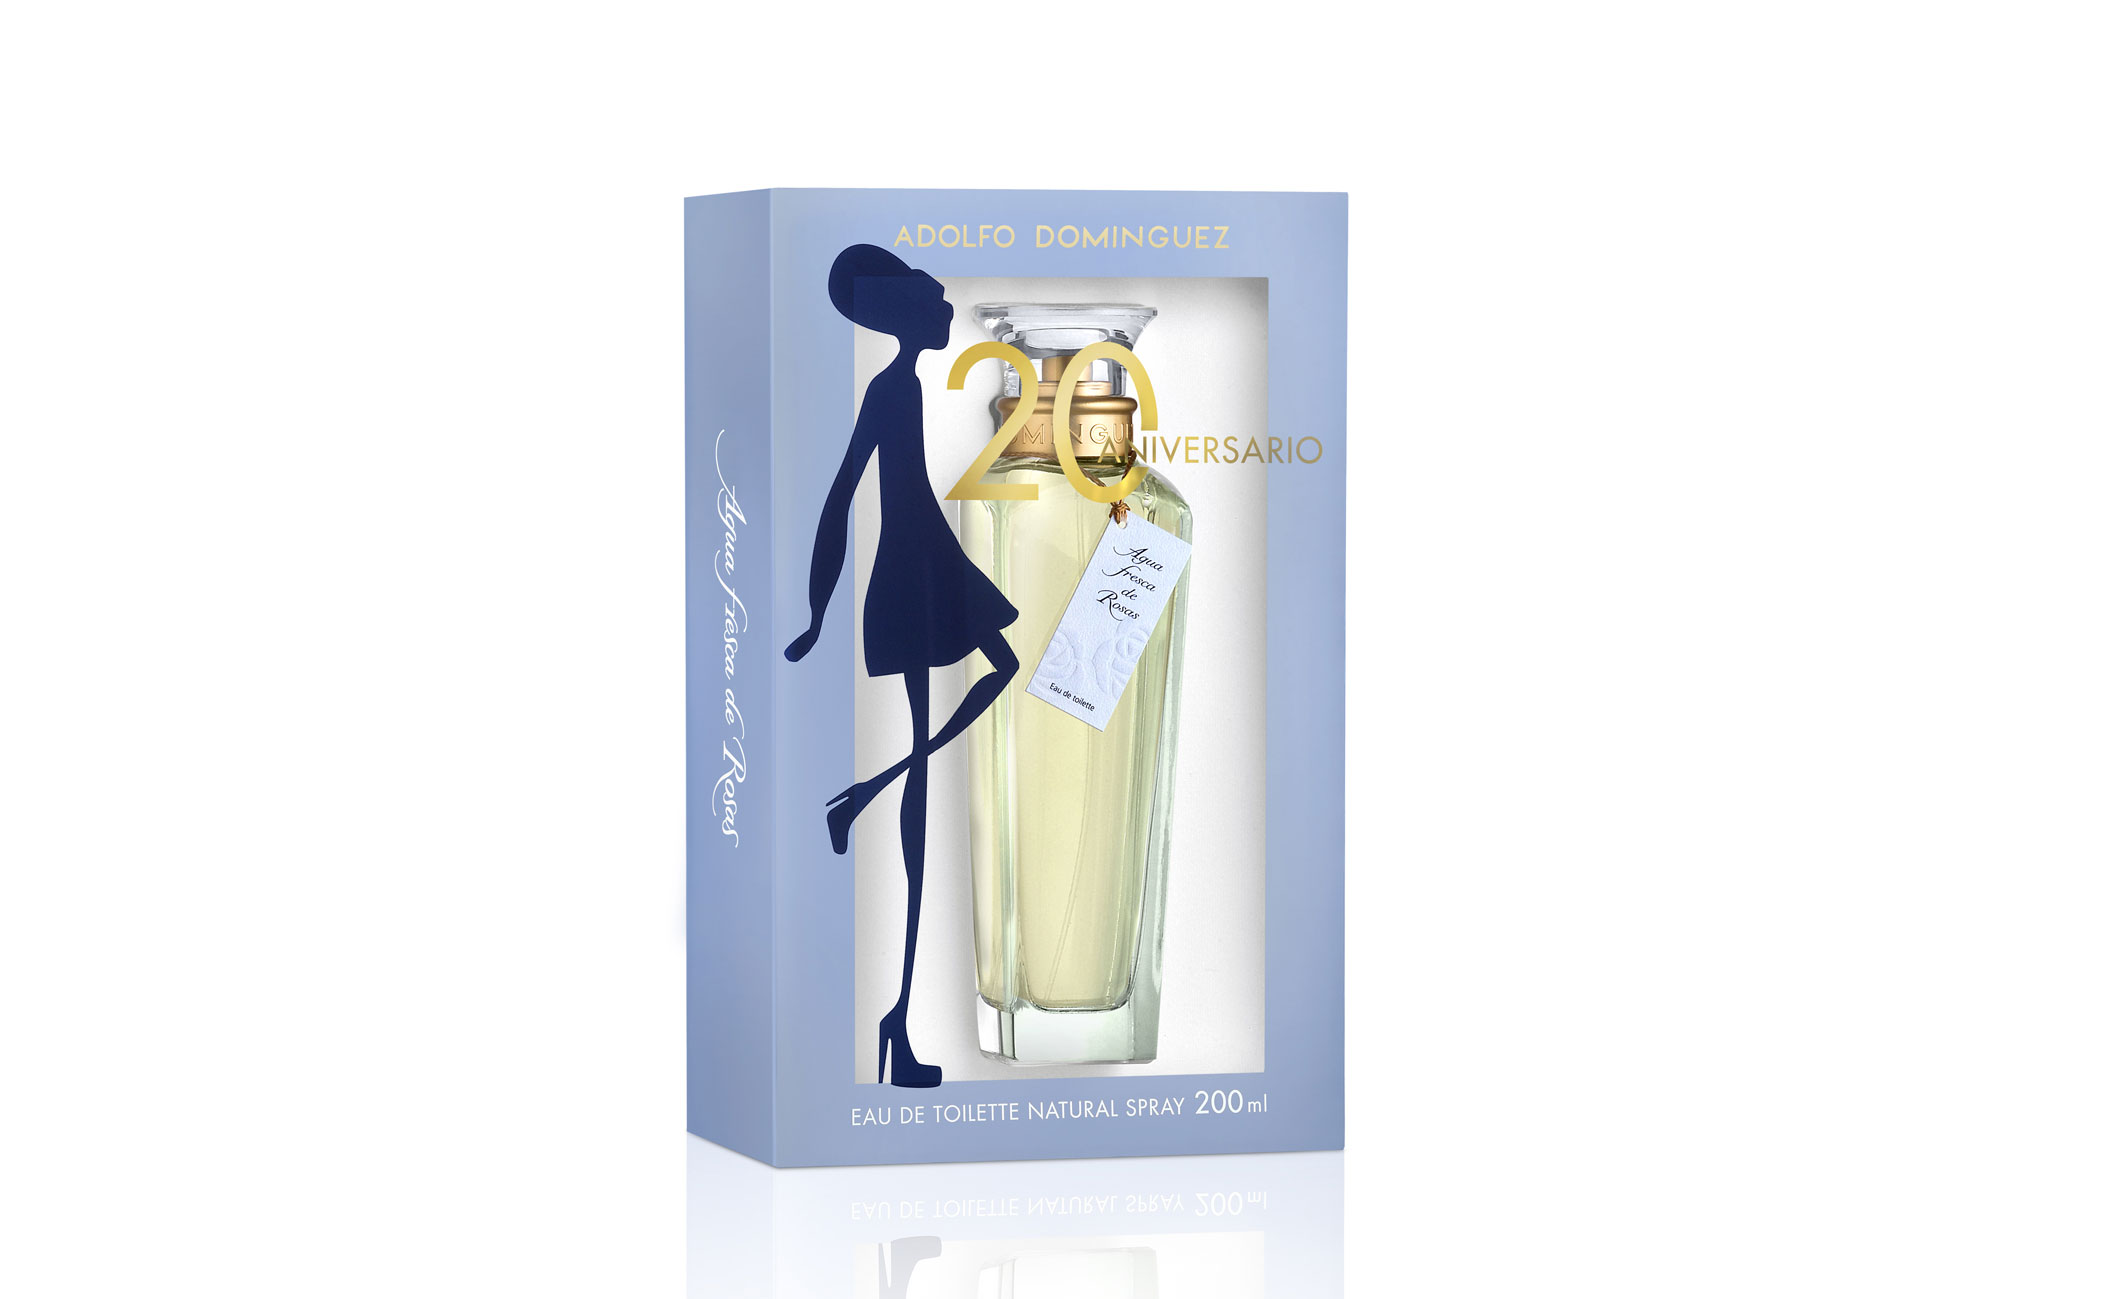 Agua Fresca de Rosas, de Adolfo Dominguez, celebra su 20 aniversario con esta edición de 200 ml.